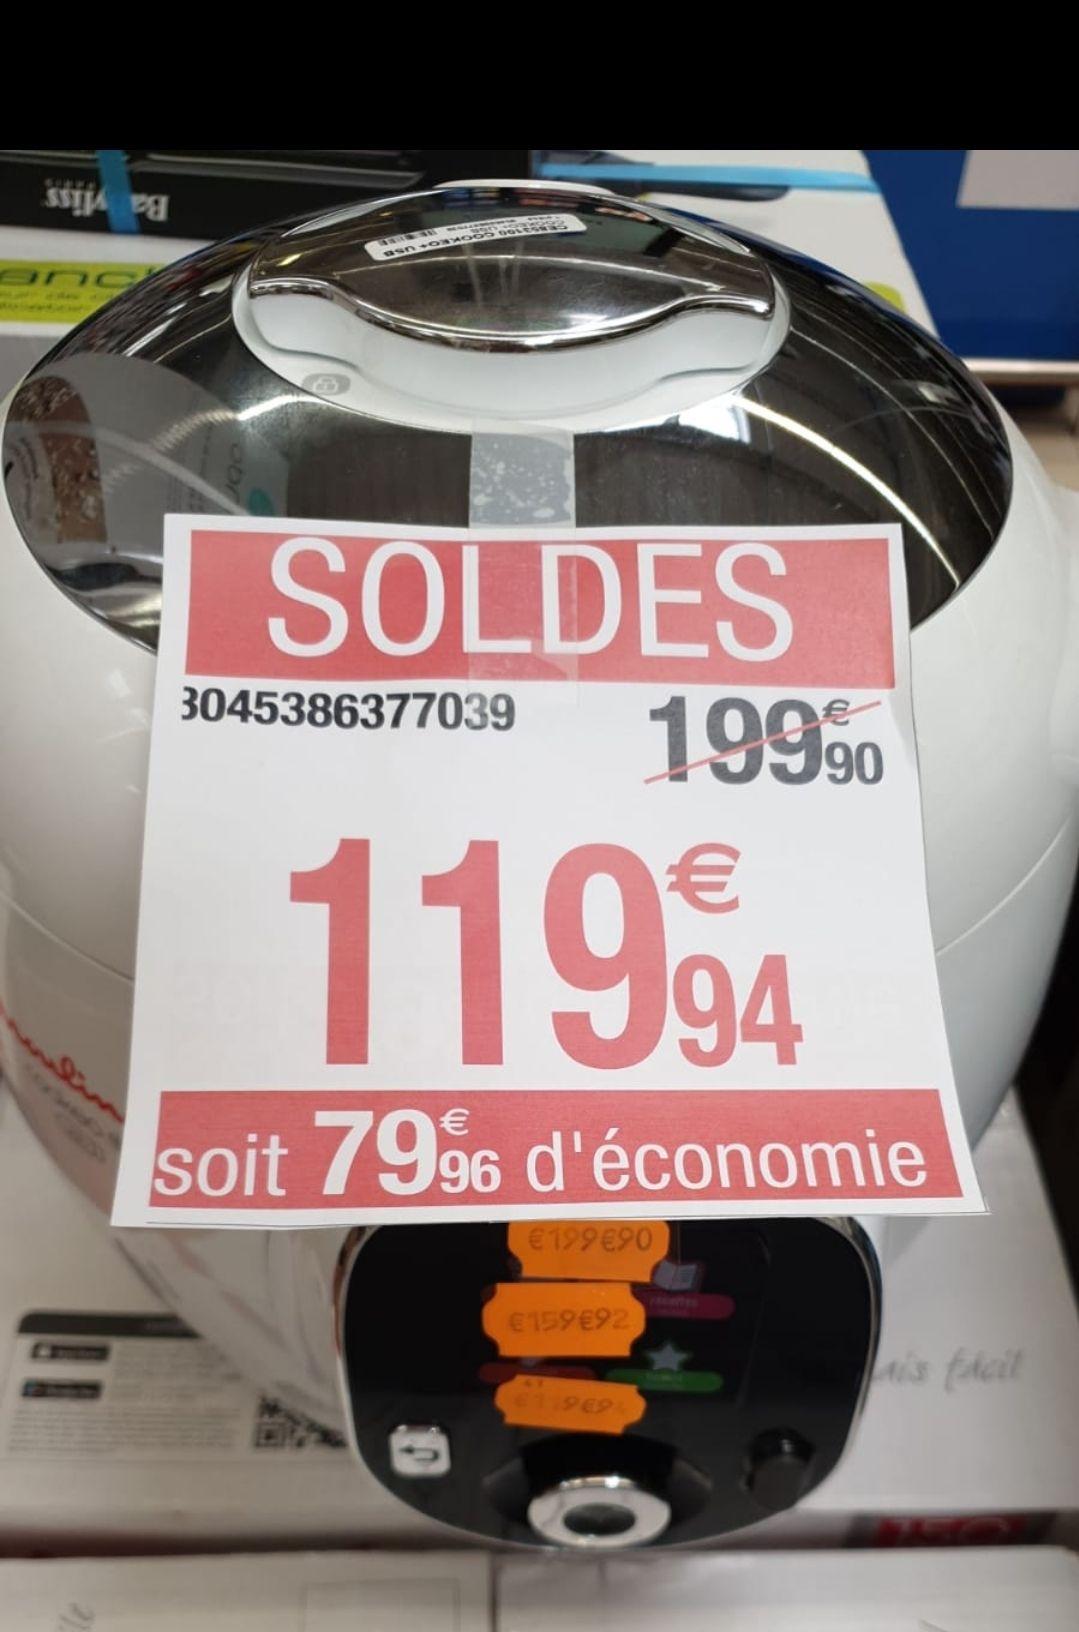 Multicuiseur Moulinex Cookeo+ USB CE853100 (1600w ) - Etampes (91) / Montreuil (93)